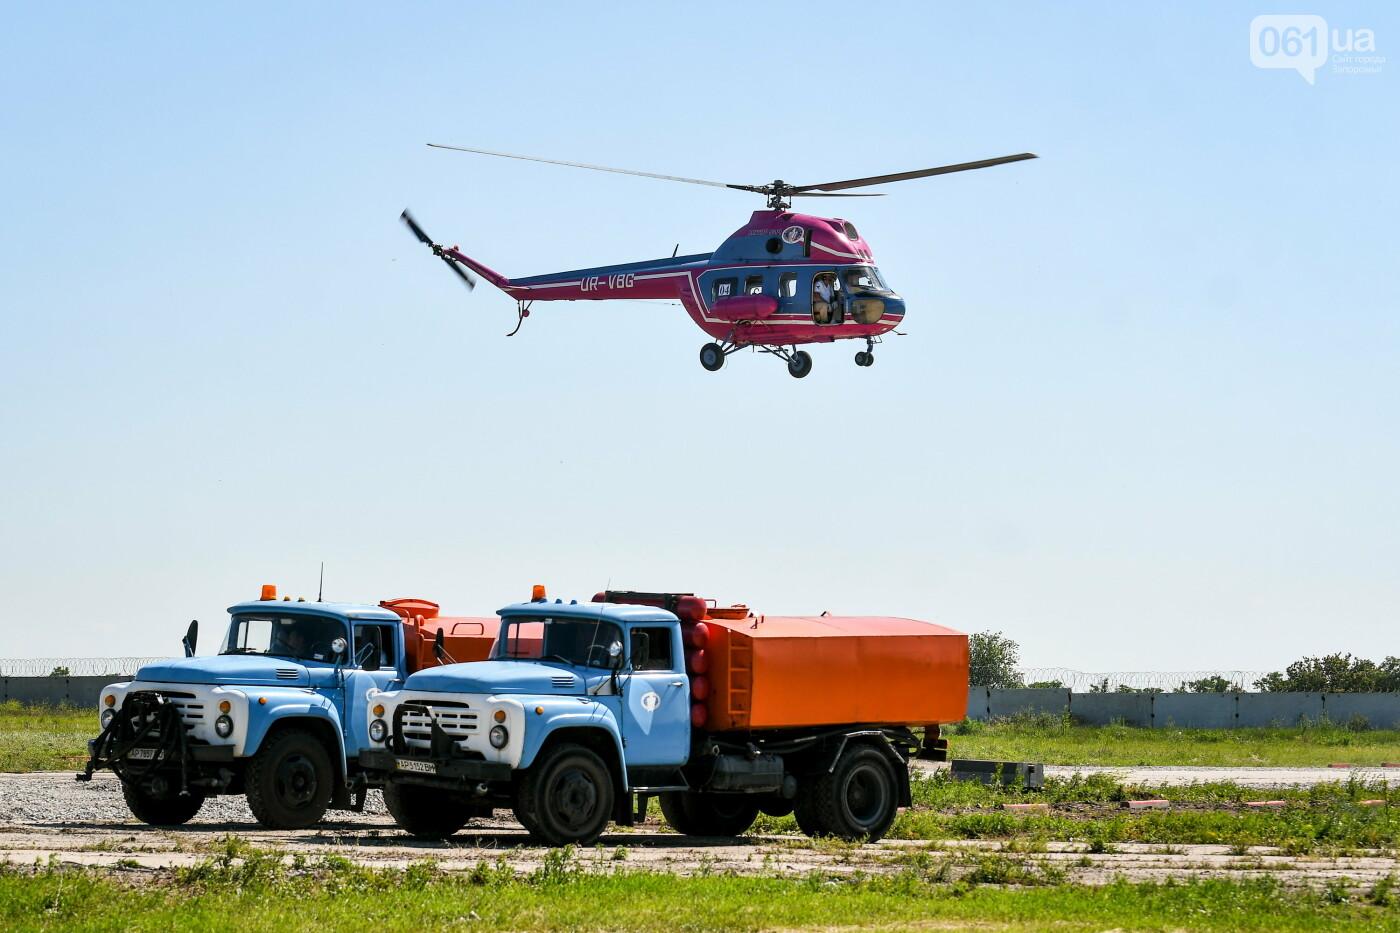 В Запорожье проходят соревнования по вертолетному спорту, - ФОТОРЕПОРТАЖ, фото-4